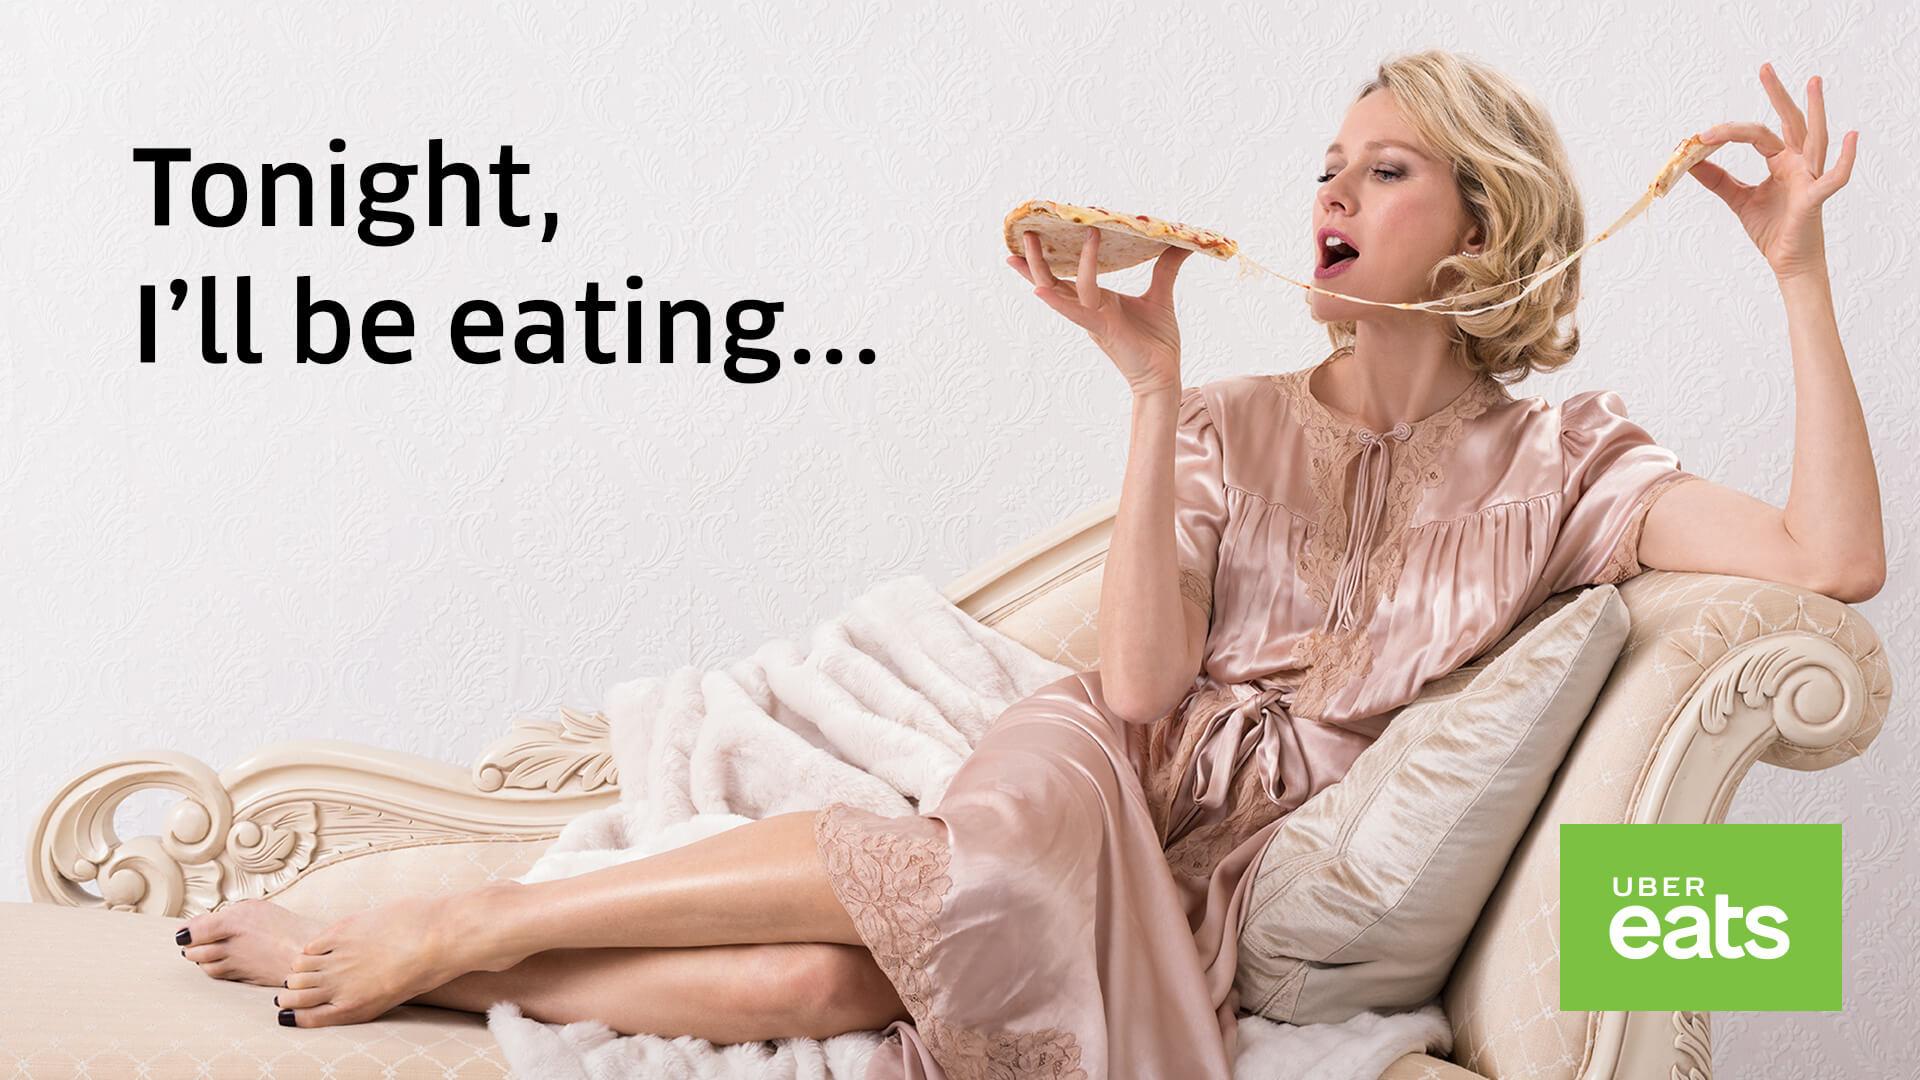 「今晚我想來點… 」  網友噓爆的Uber eats代言人廣告,為品牌加分或扣分?